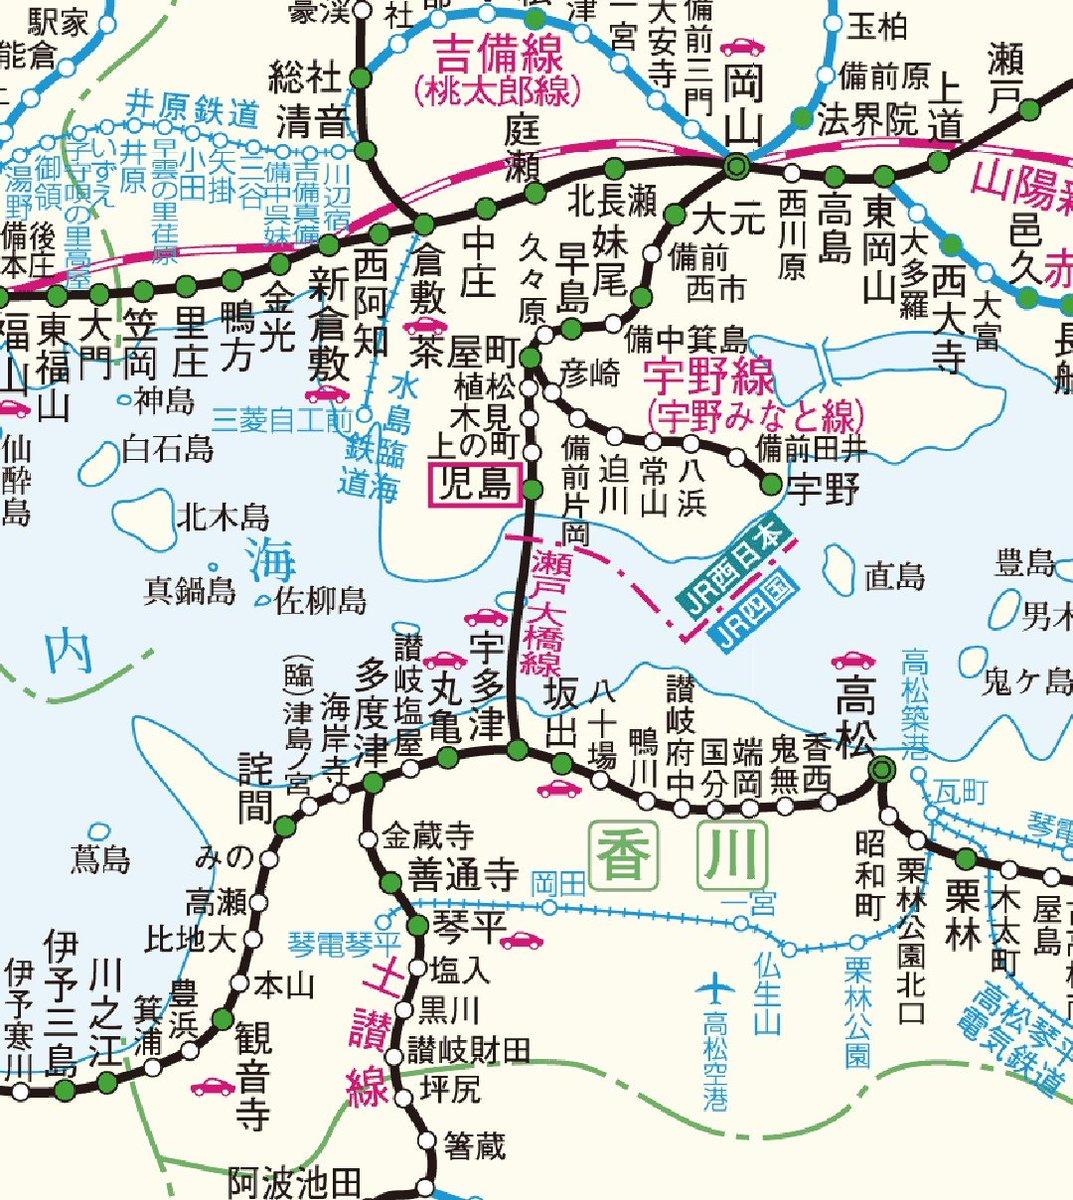 """新条 on Twitter: """"岡山駅みどりの窓口で 「#津島ノ宮 まで往復乗車券 ..."""